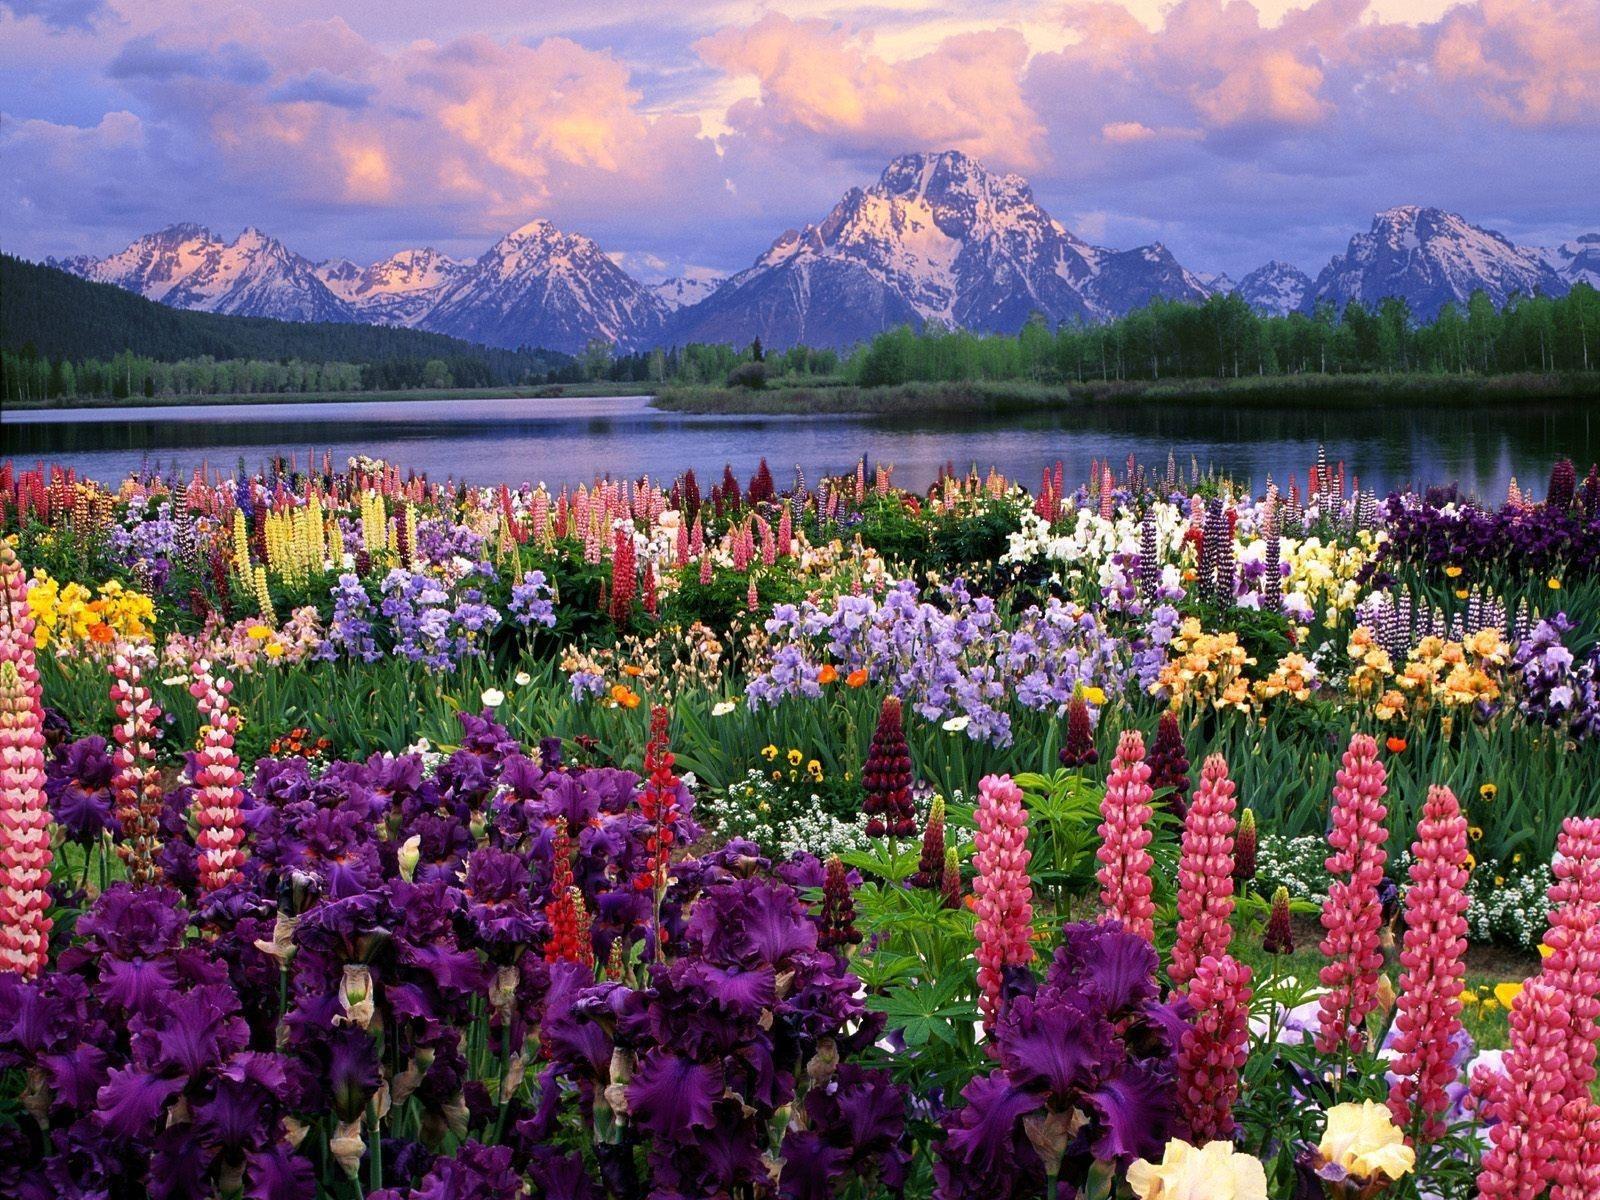 Quero um lugar assim...